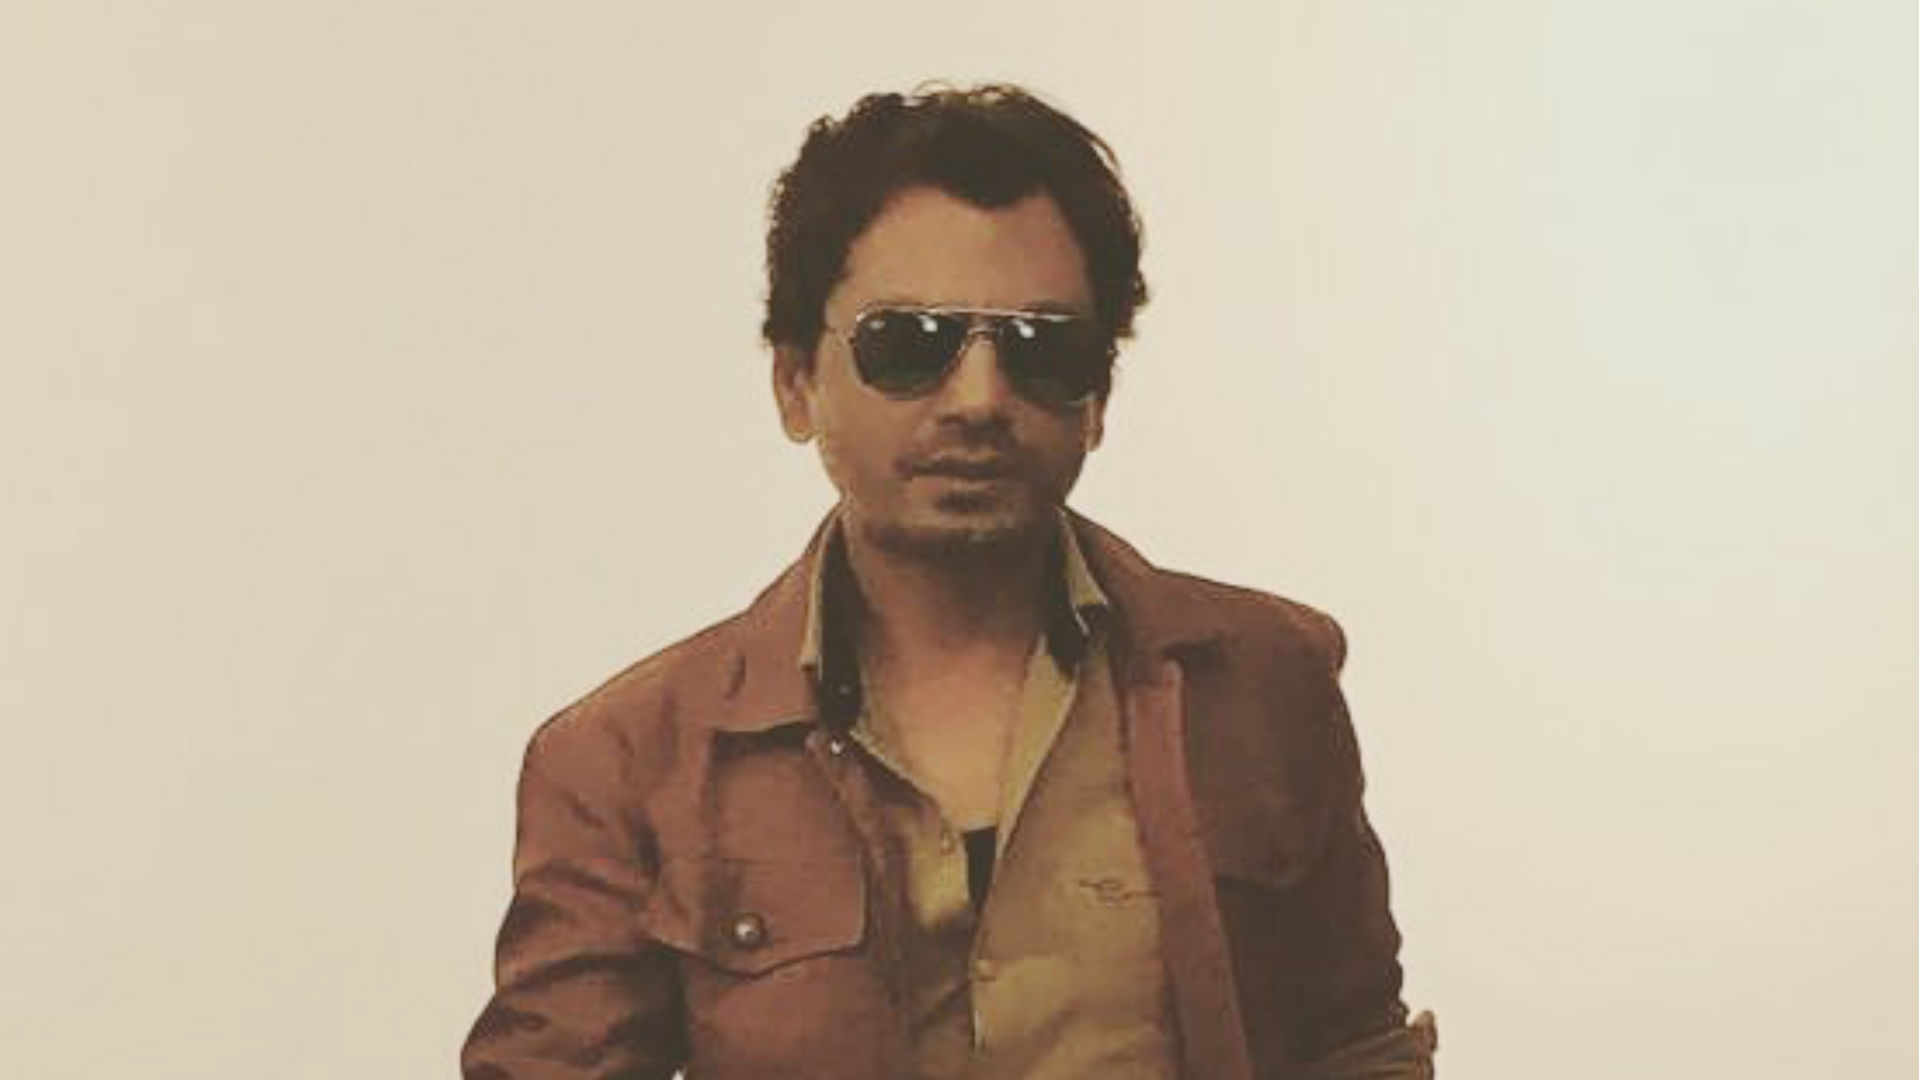 पॉप्युलर नॉवेल 'नो लैंड्स मैन' पर बांग्लादेशी फिल्ममेकर बनाएंगे फिल्म, नवाजुद्दीन सिद्दीकी होंगे हीरो